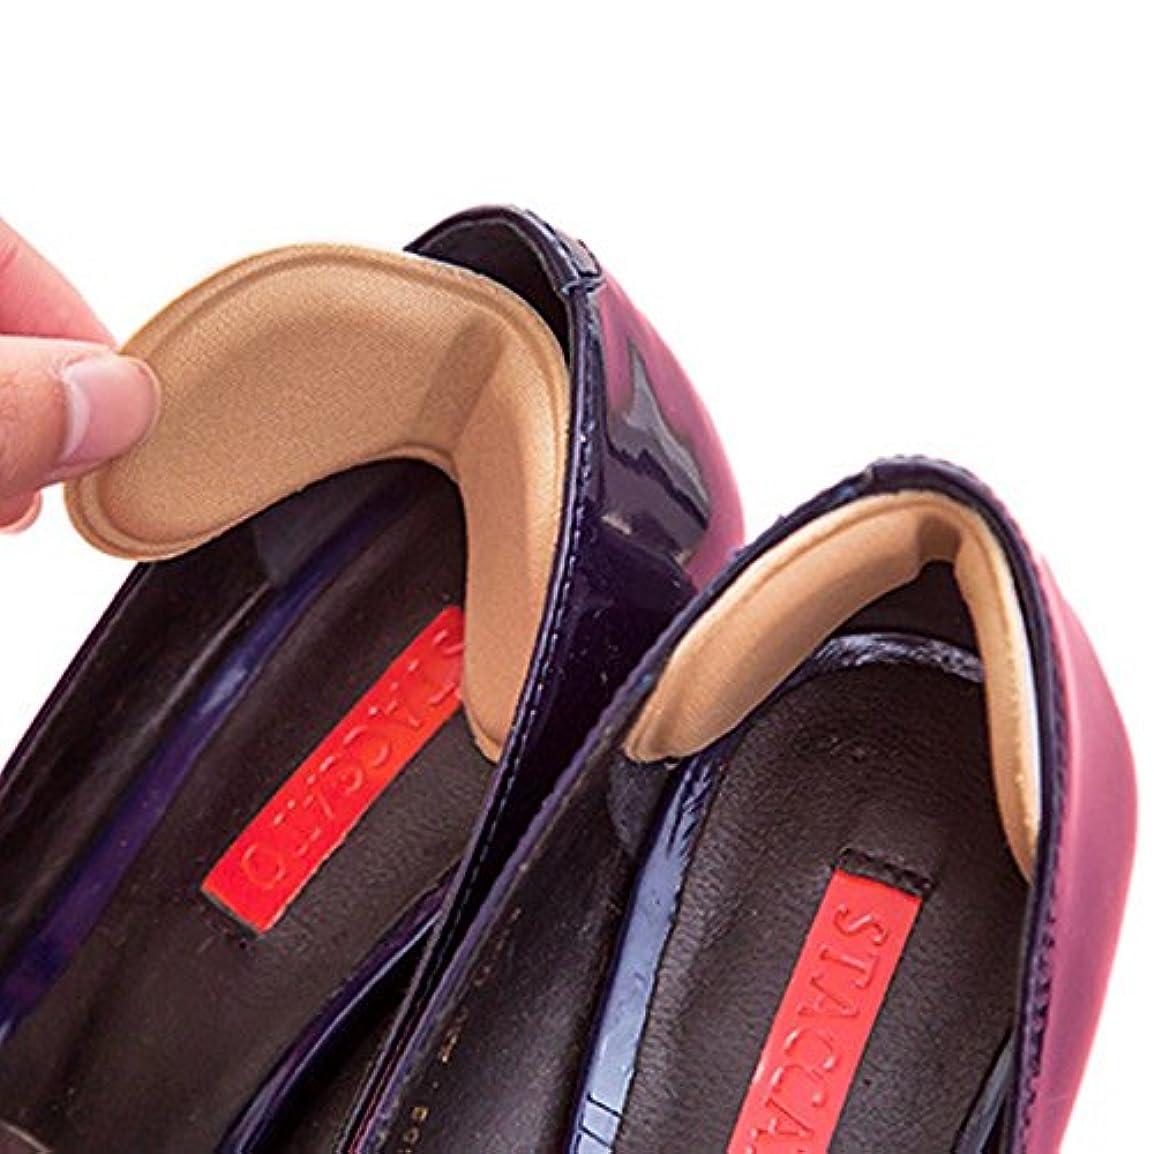 呼ぶ傀儡連帯靴擦れ 半張りパッド 靴擦れ防止 防止かかと パカパカ防止 ハイヒール用 足裏保護 インソール 靴のサイズ調整 四組入り